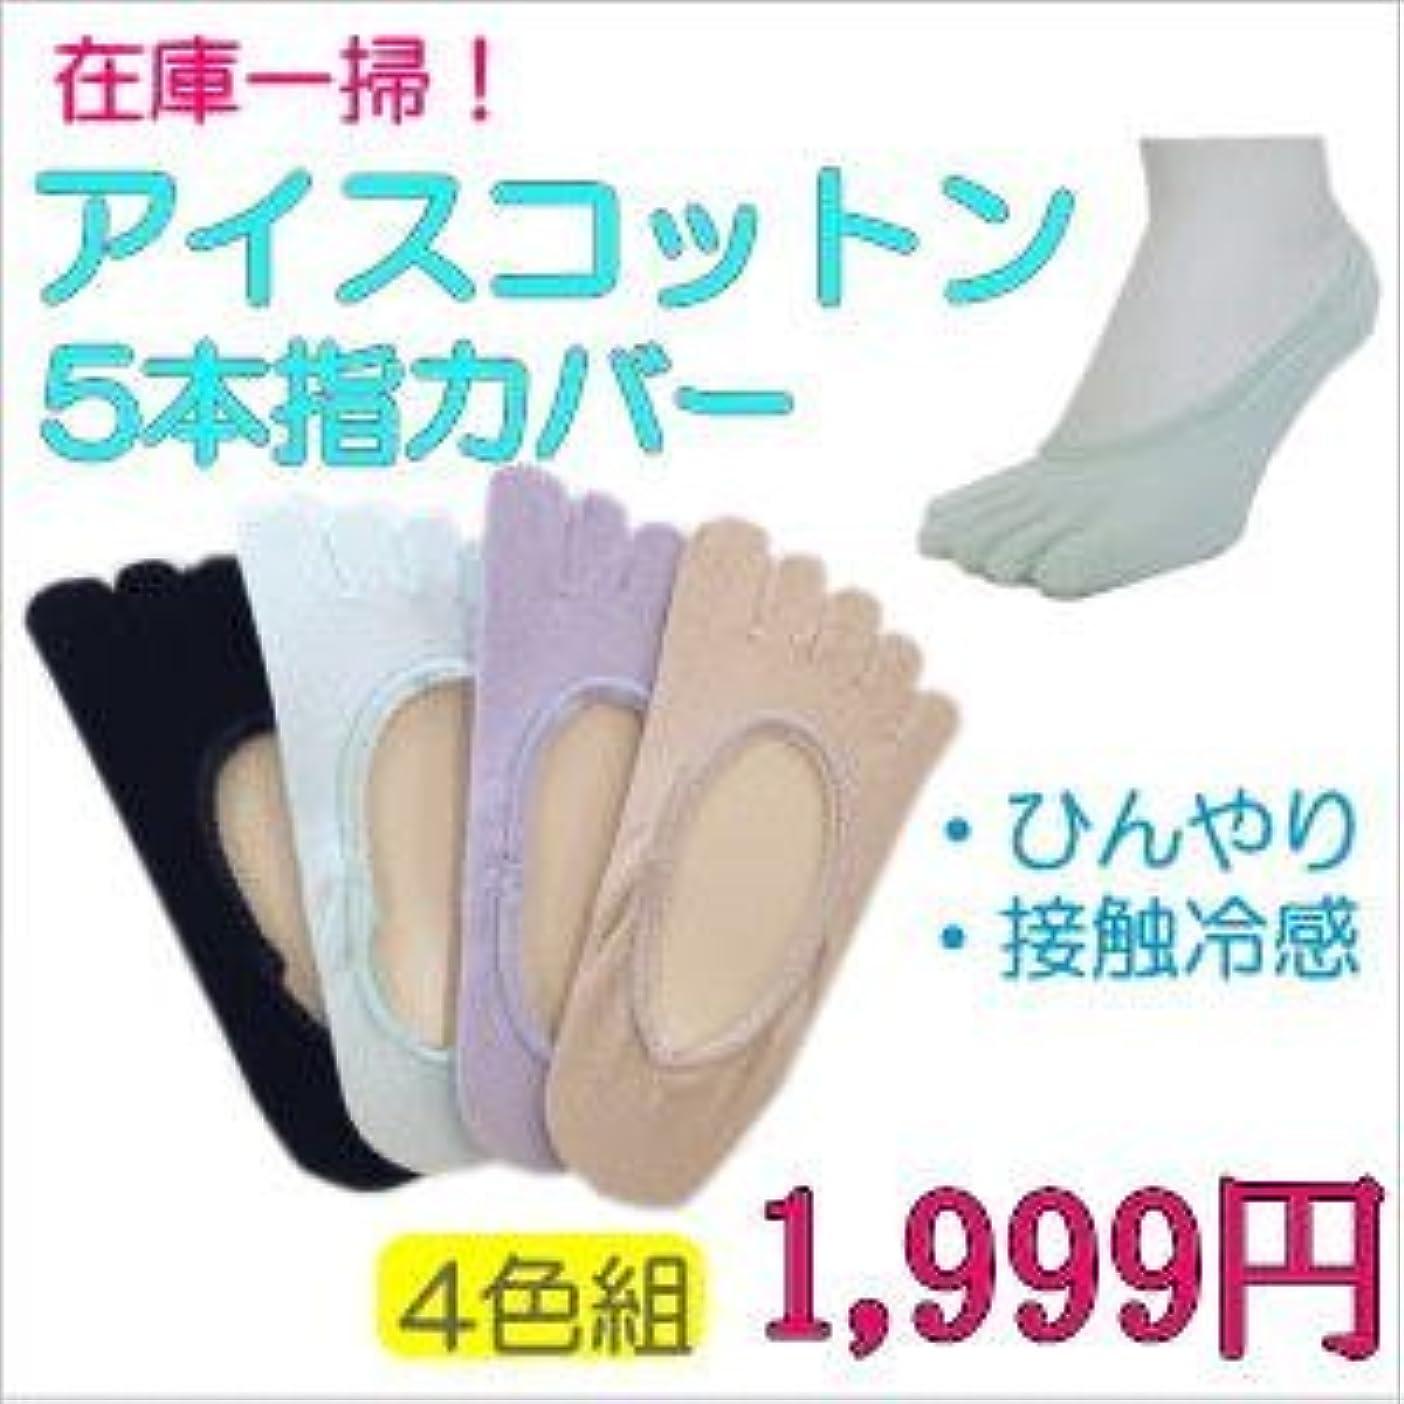 六月減るレクリエーションこのヒンヤリ感がたまらない 女性用 綿100 薄手 接触冷感 5本指 ソックス ひんやり 4足組 22-24cm